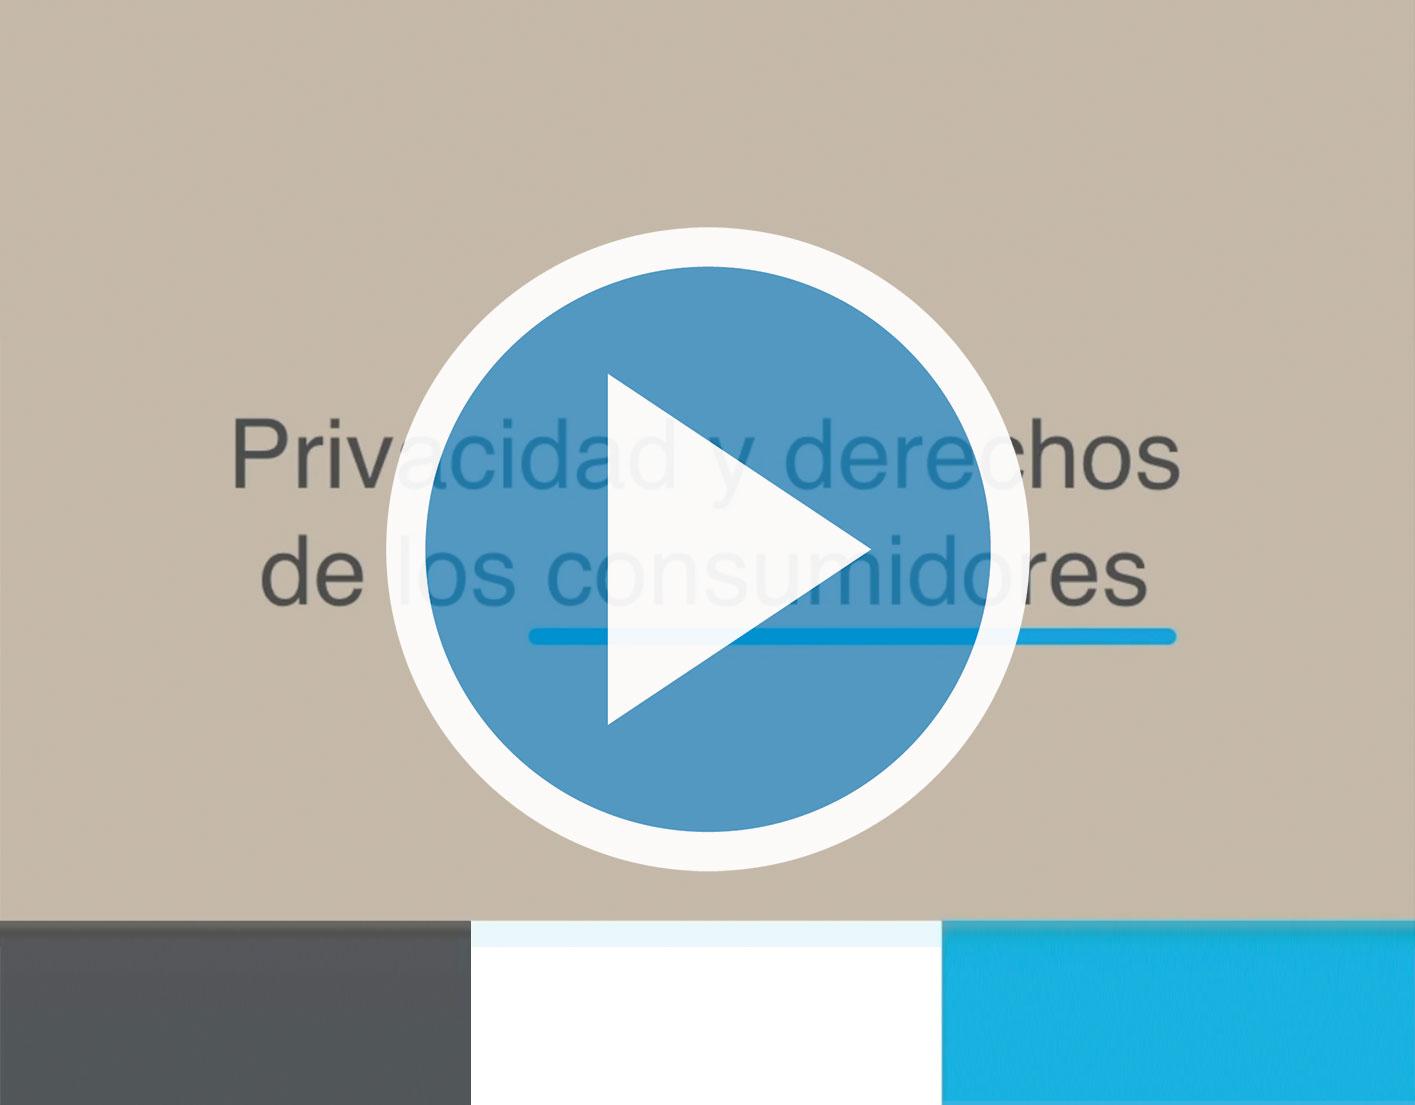 privacidad-y-derechos